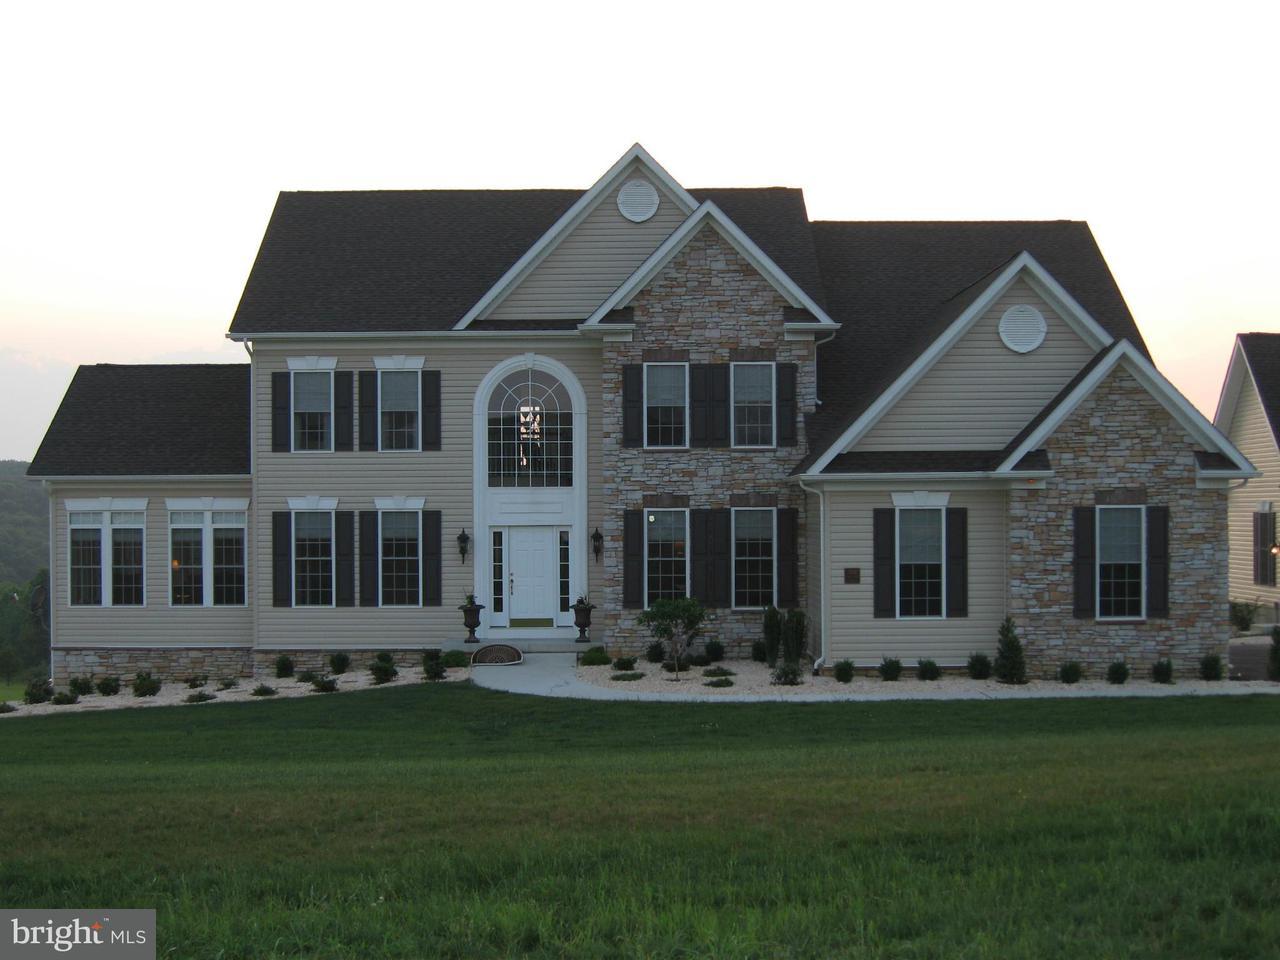 Casa Unifamiliar por un Venta en 2303 WALNUT SPRING Court 2303 WALNUT SPRING Court White Hall, Maryland 21161 Estados Unidos